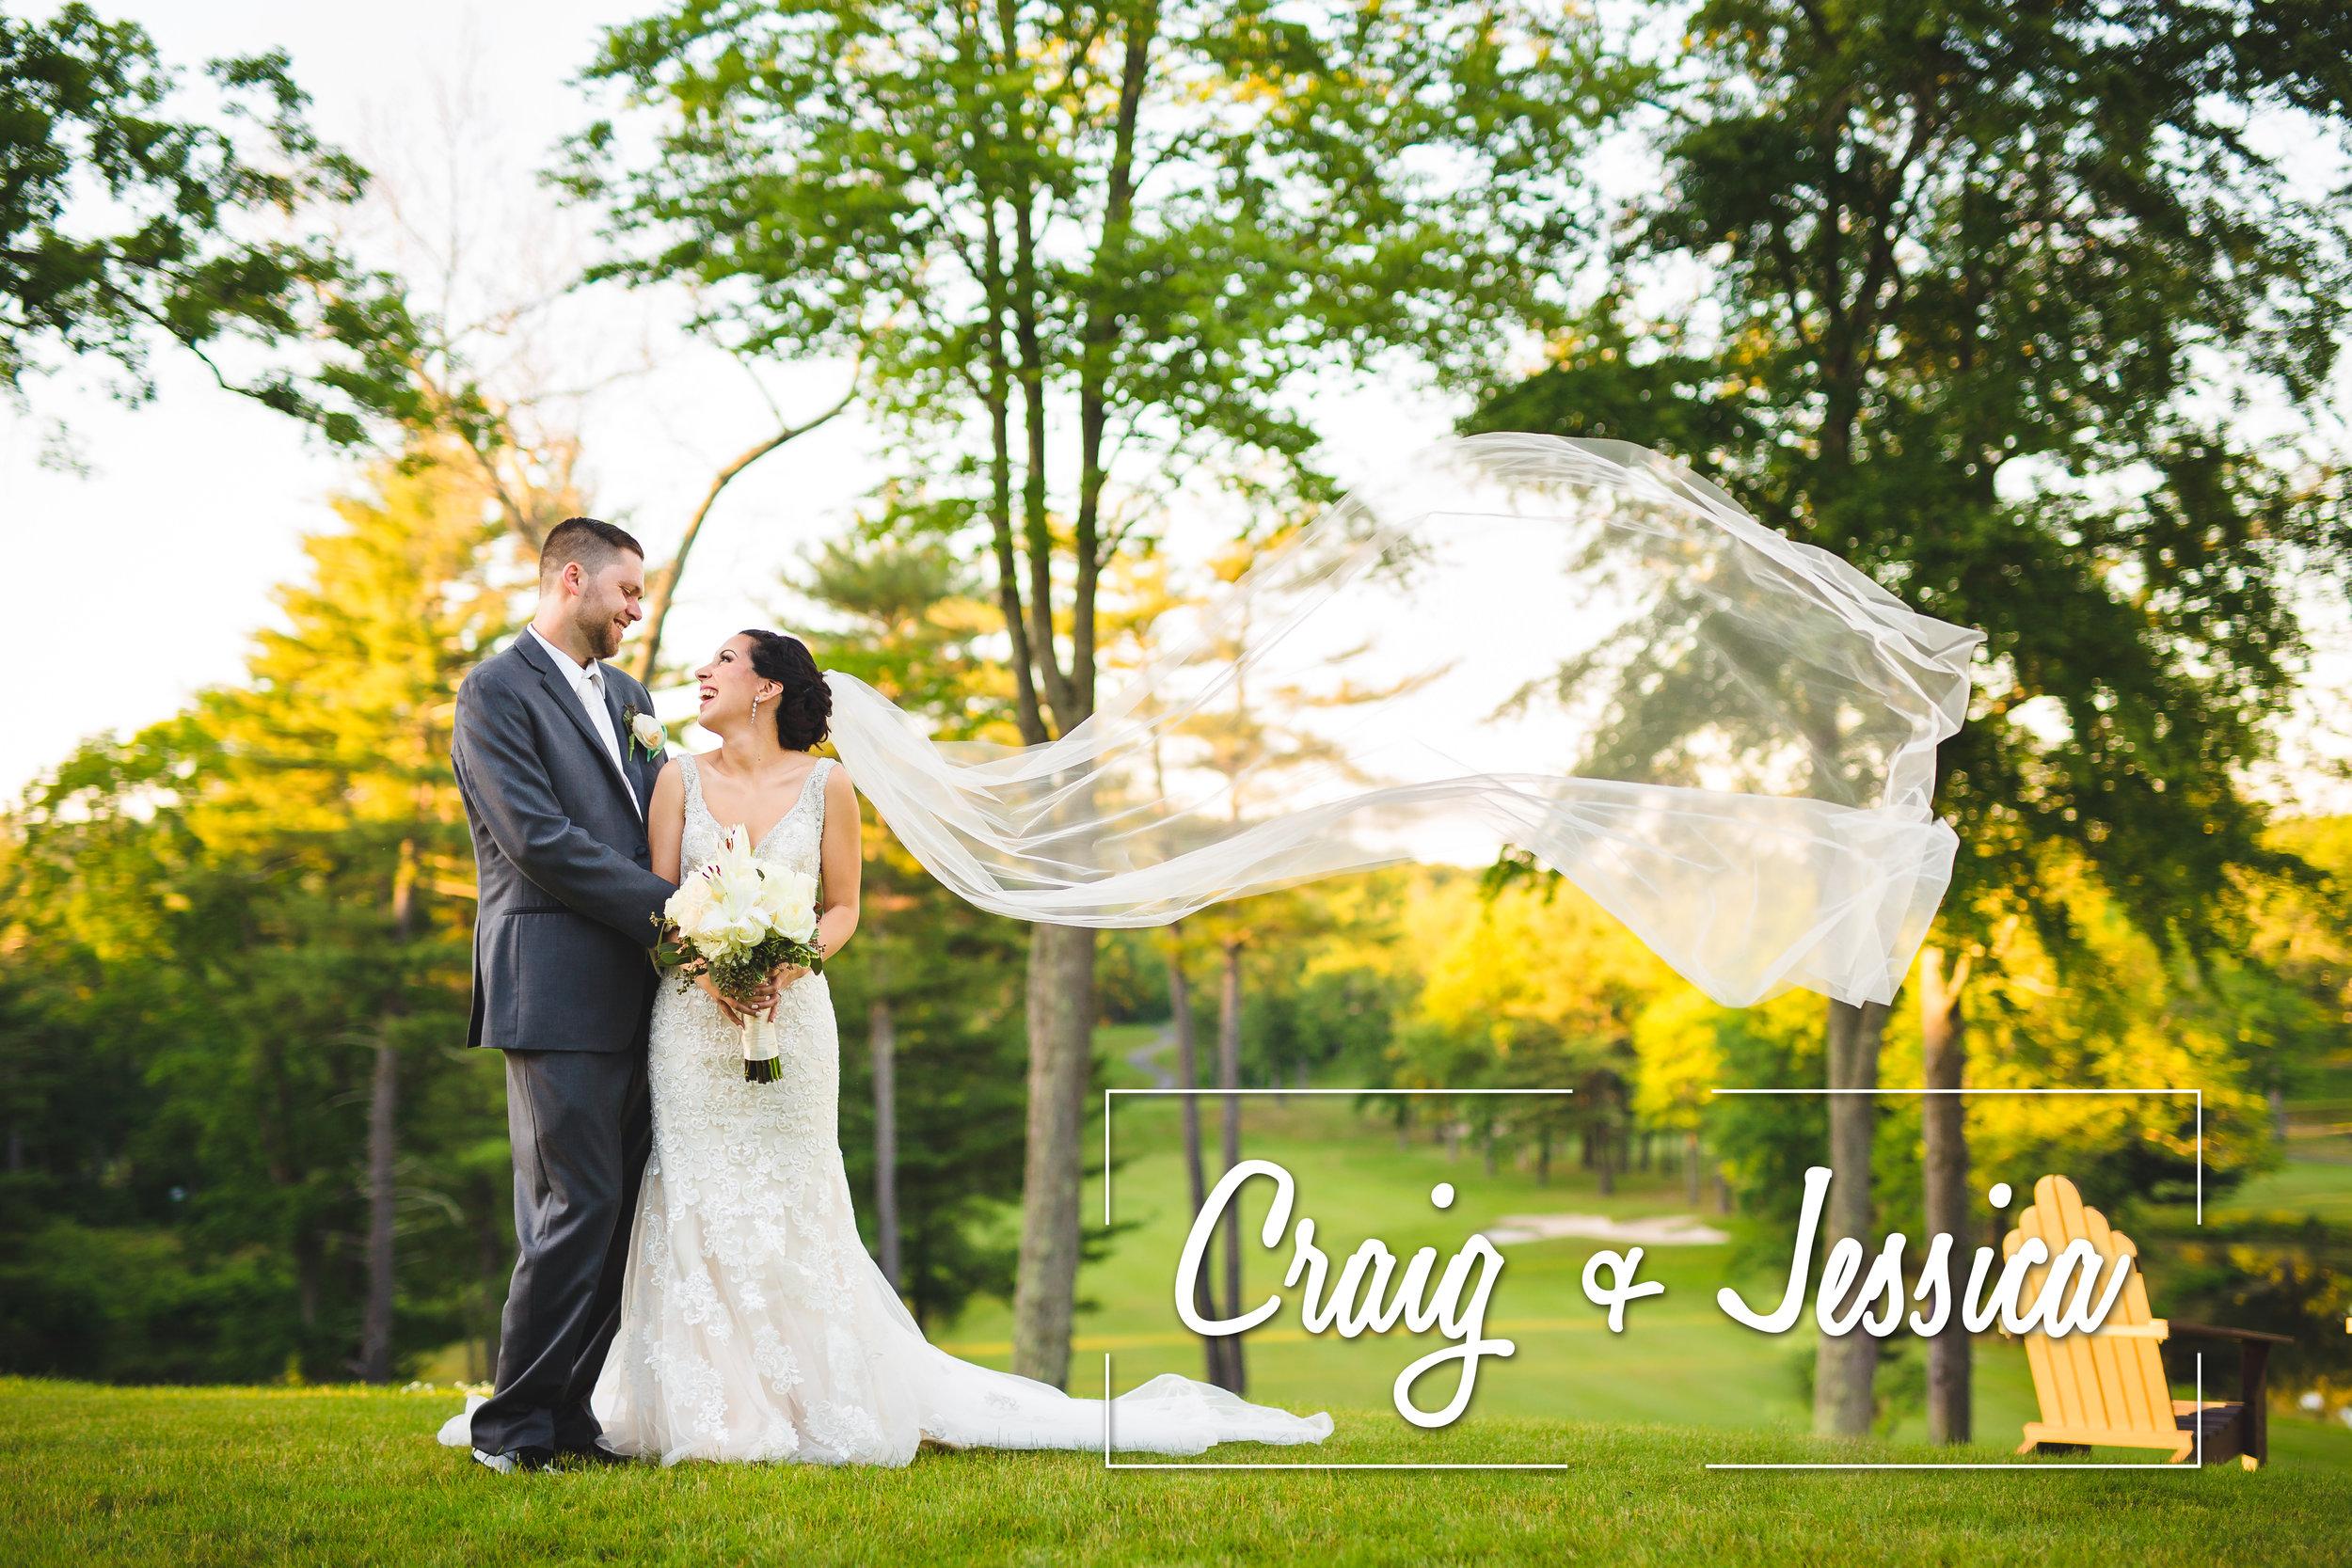 1031-Craig&Jessica_blog-9U6A6919 copy.jpg